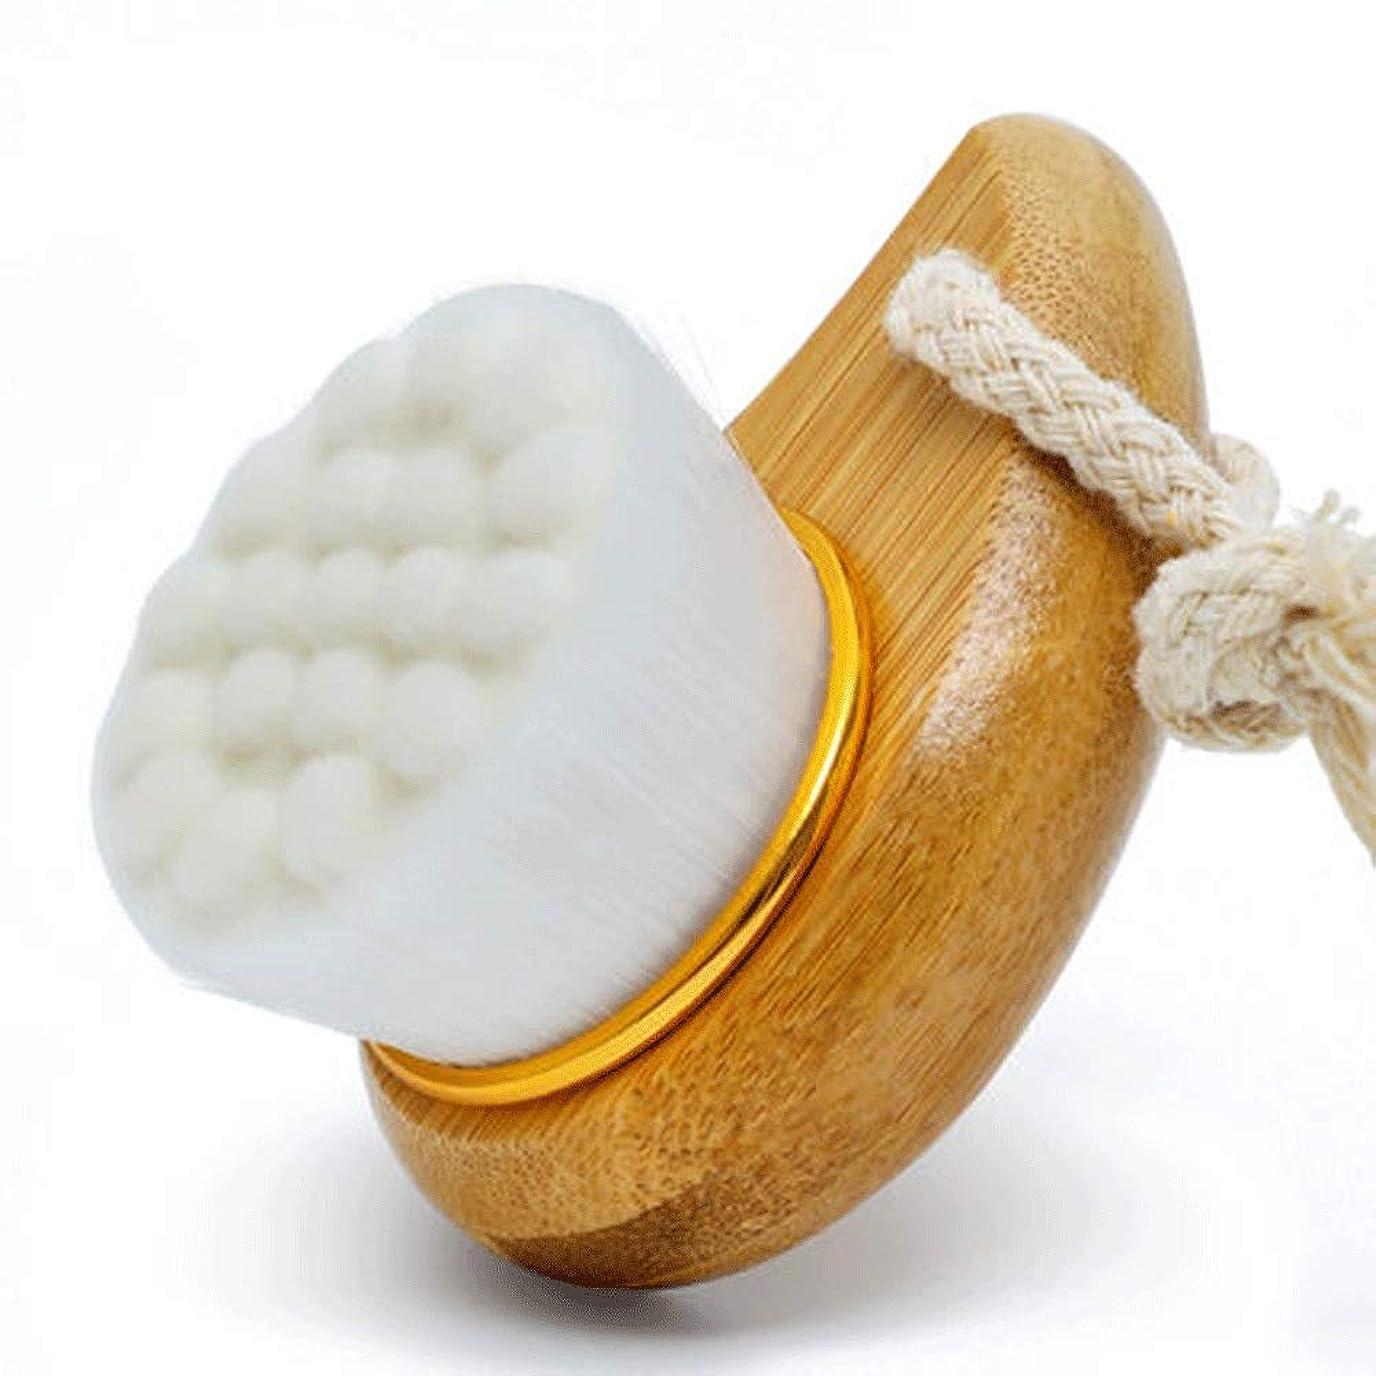 貫通中庭比類なきHEHUIHUI- クレンジングブラシ、防水ディープクレンジングポア、電気剥離、にきび、アンチエイジングクレンジングブラシ(ホワイト) (Color : White)